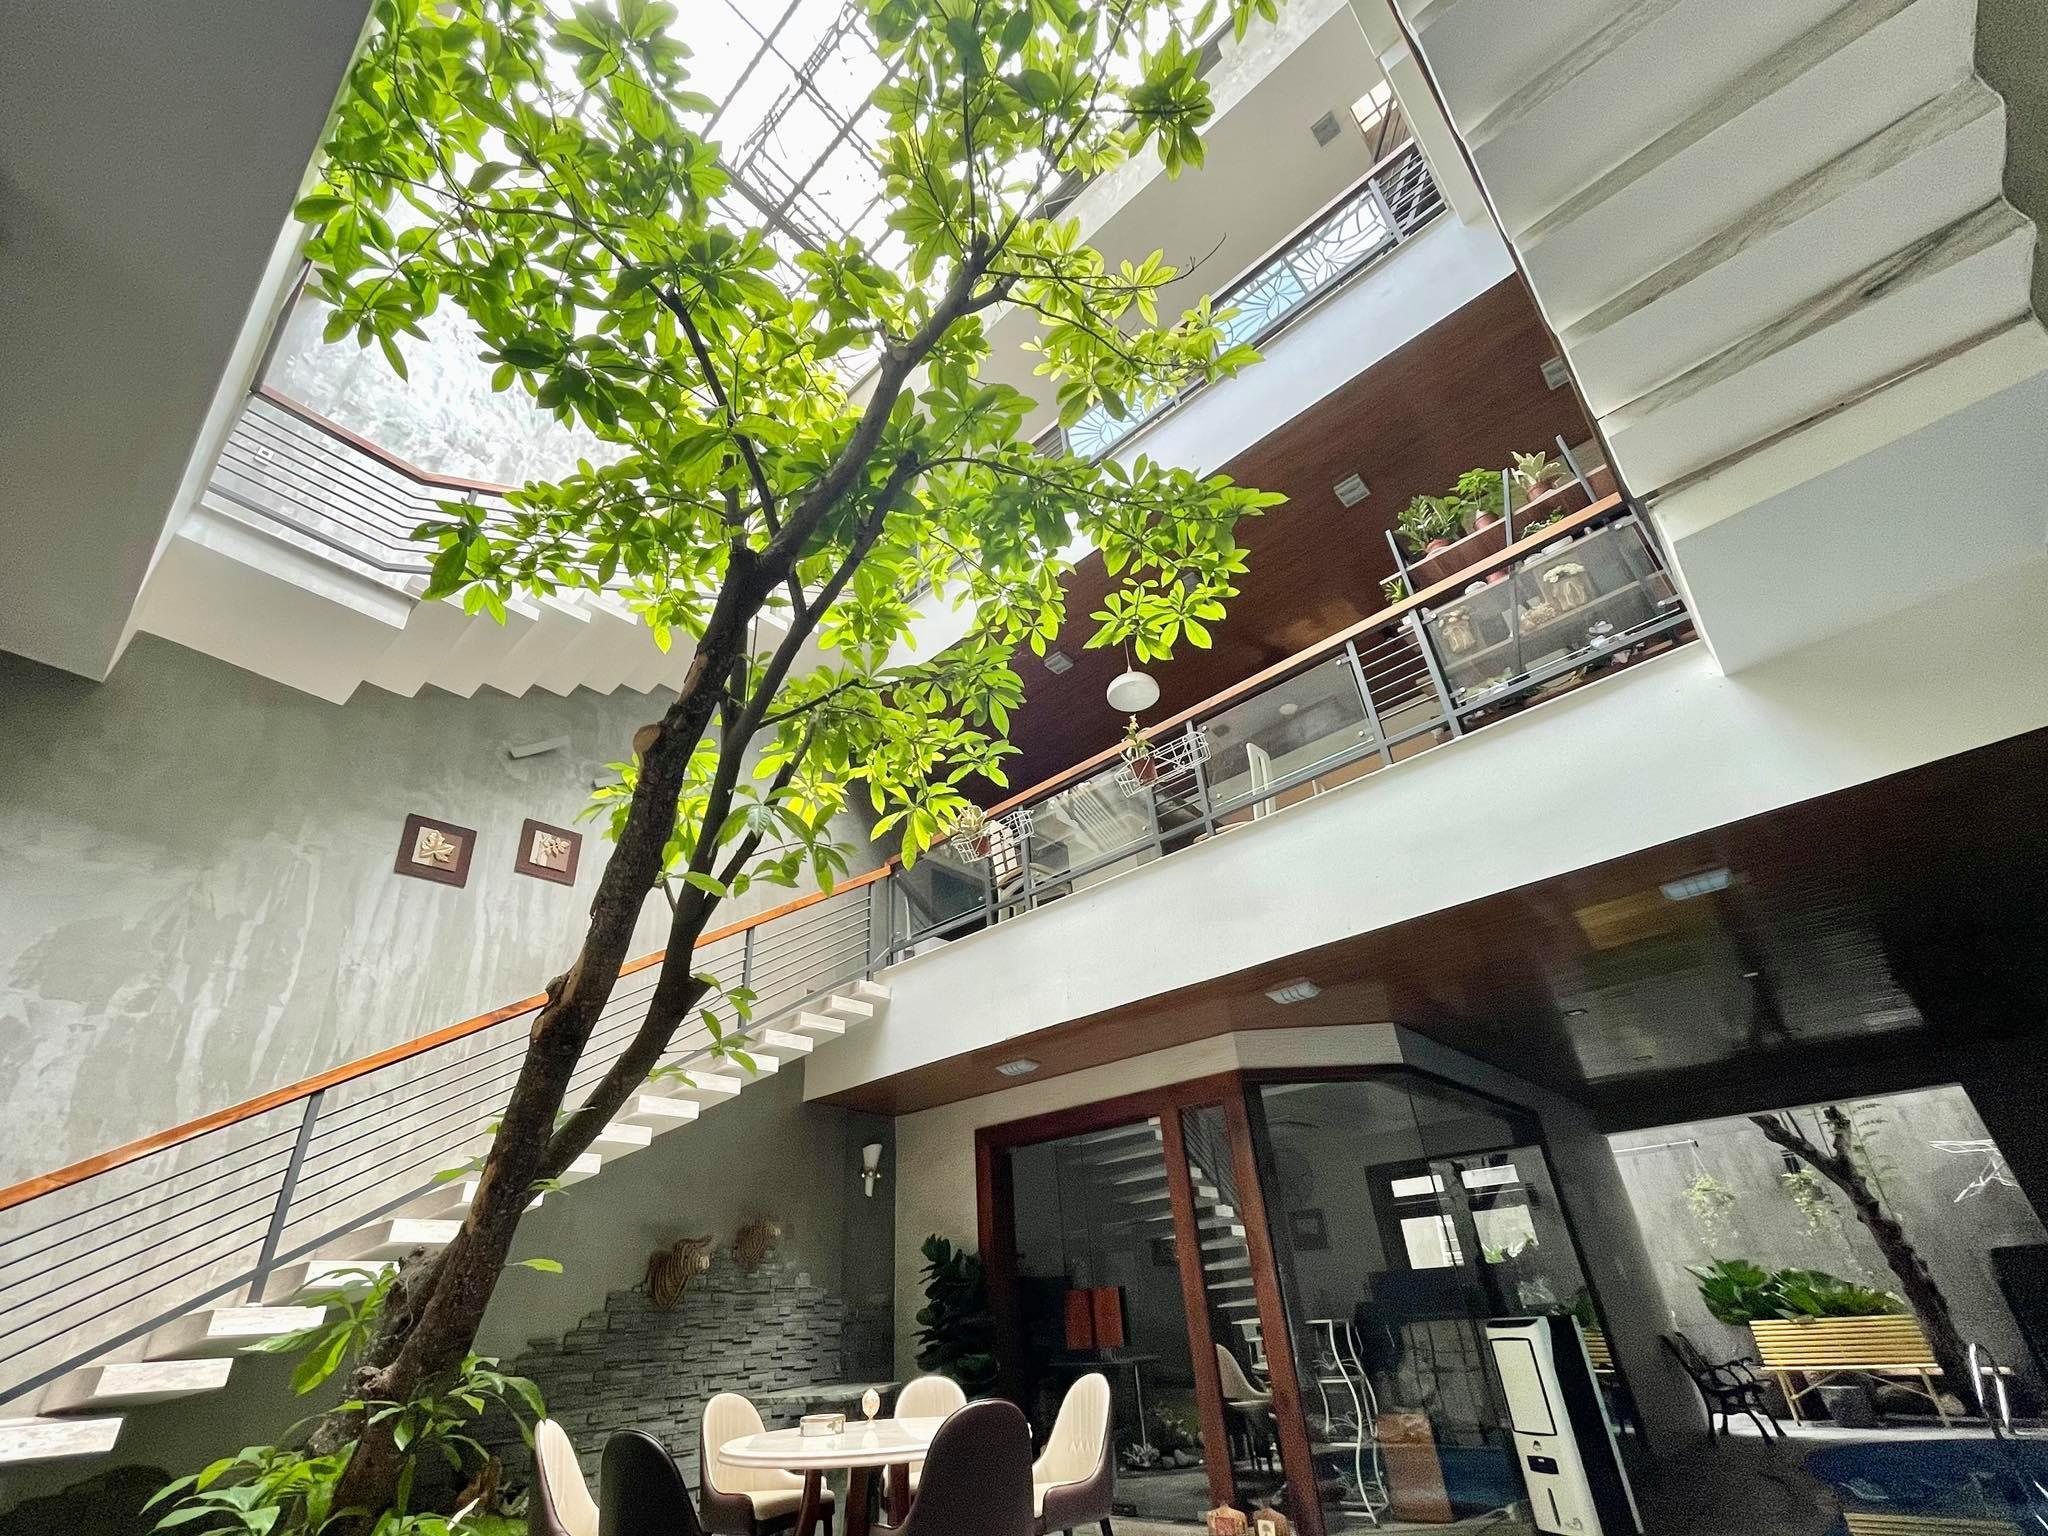 Biệt thự xây lệch tầng, phòng bếp nằm 'cheo leo' trên bể bơi ở TP.Hồ Chí Minh